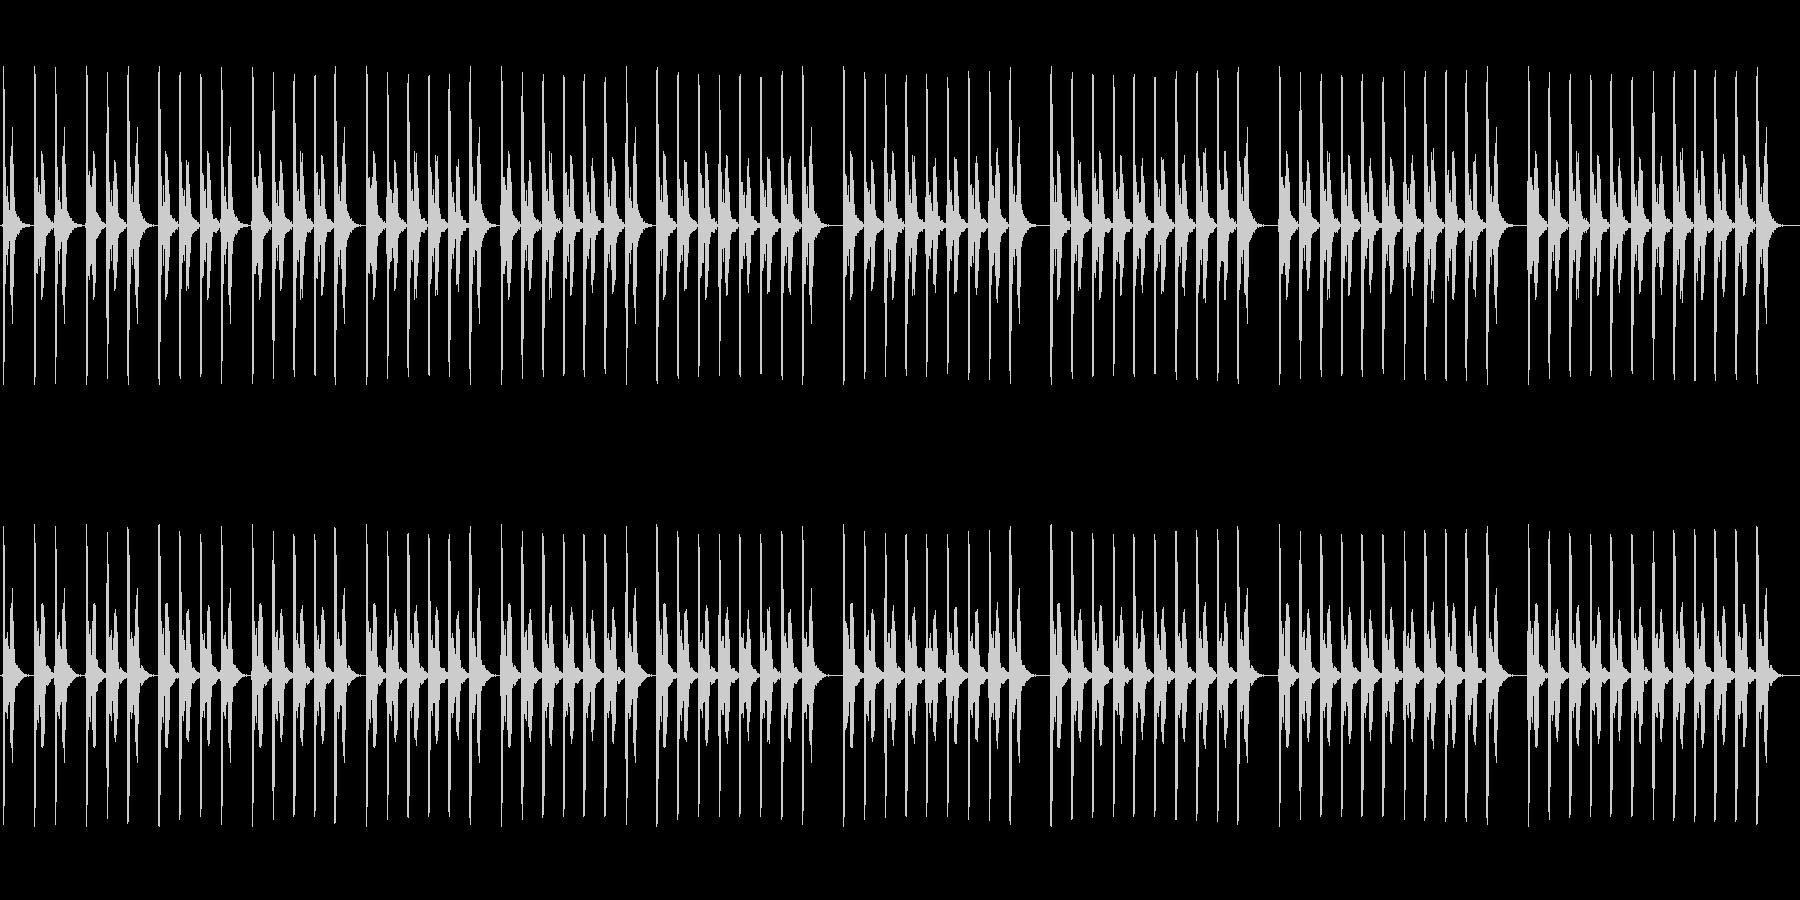 (ポッポ)レトロな鳩時計の時報の未再生の波形